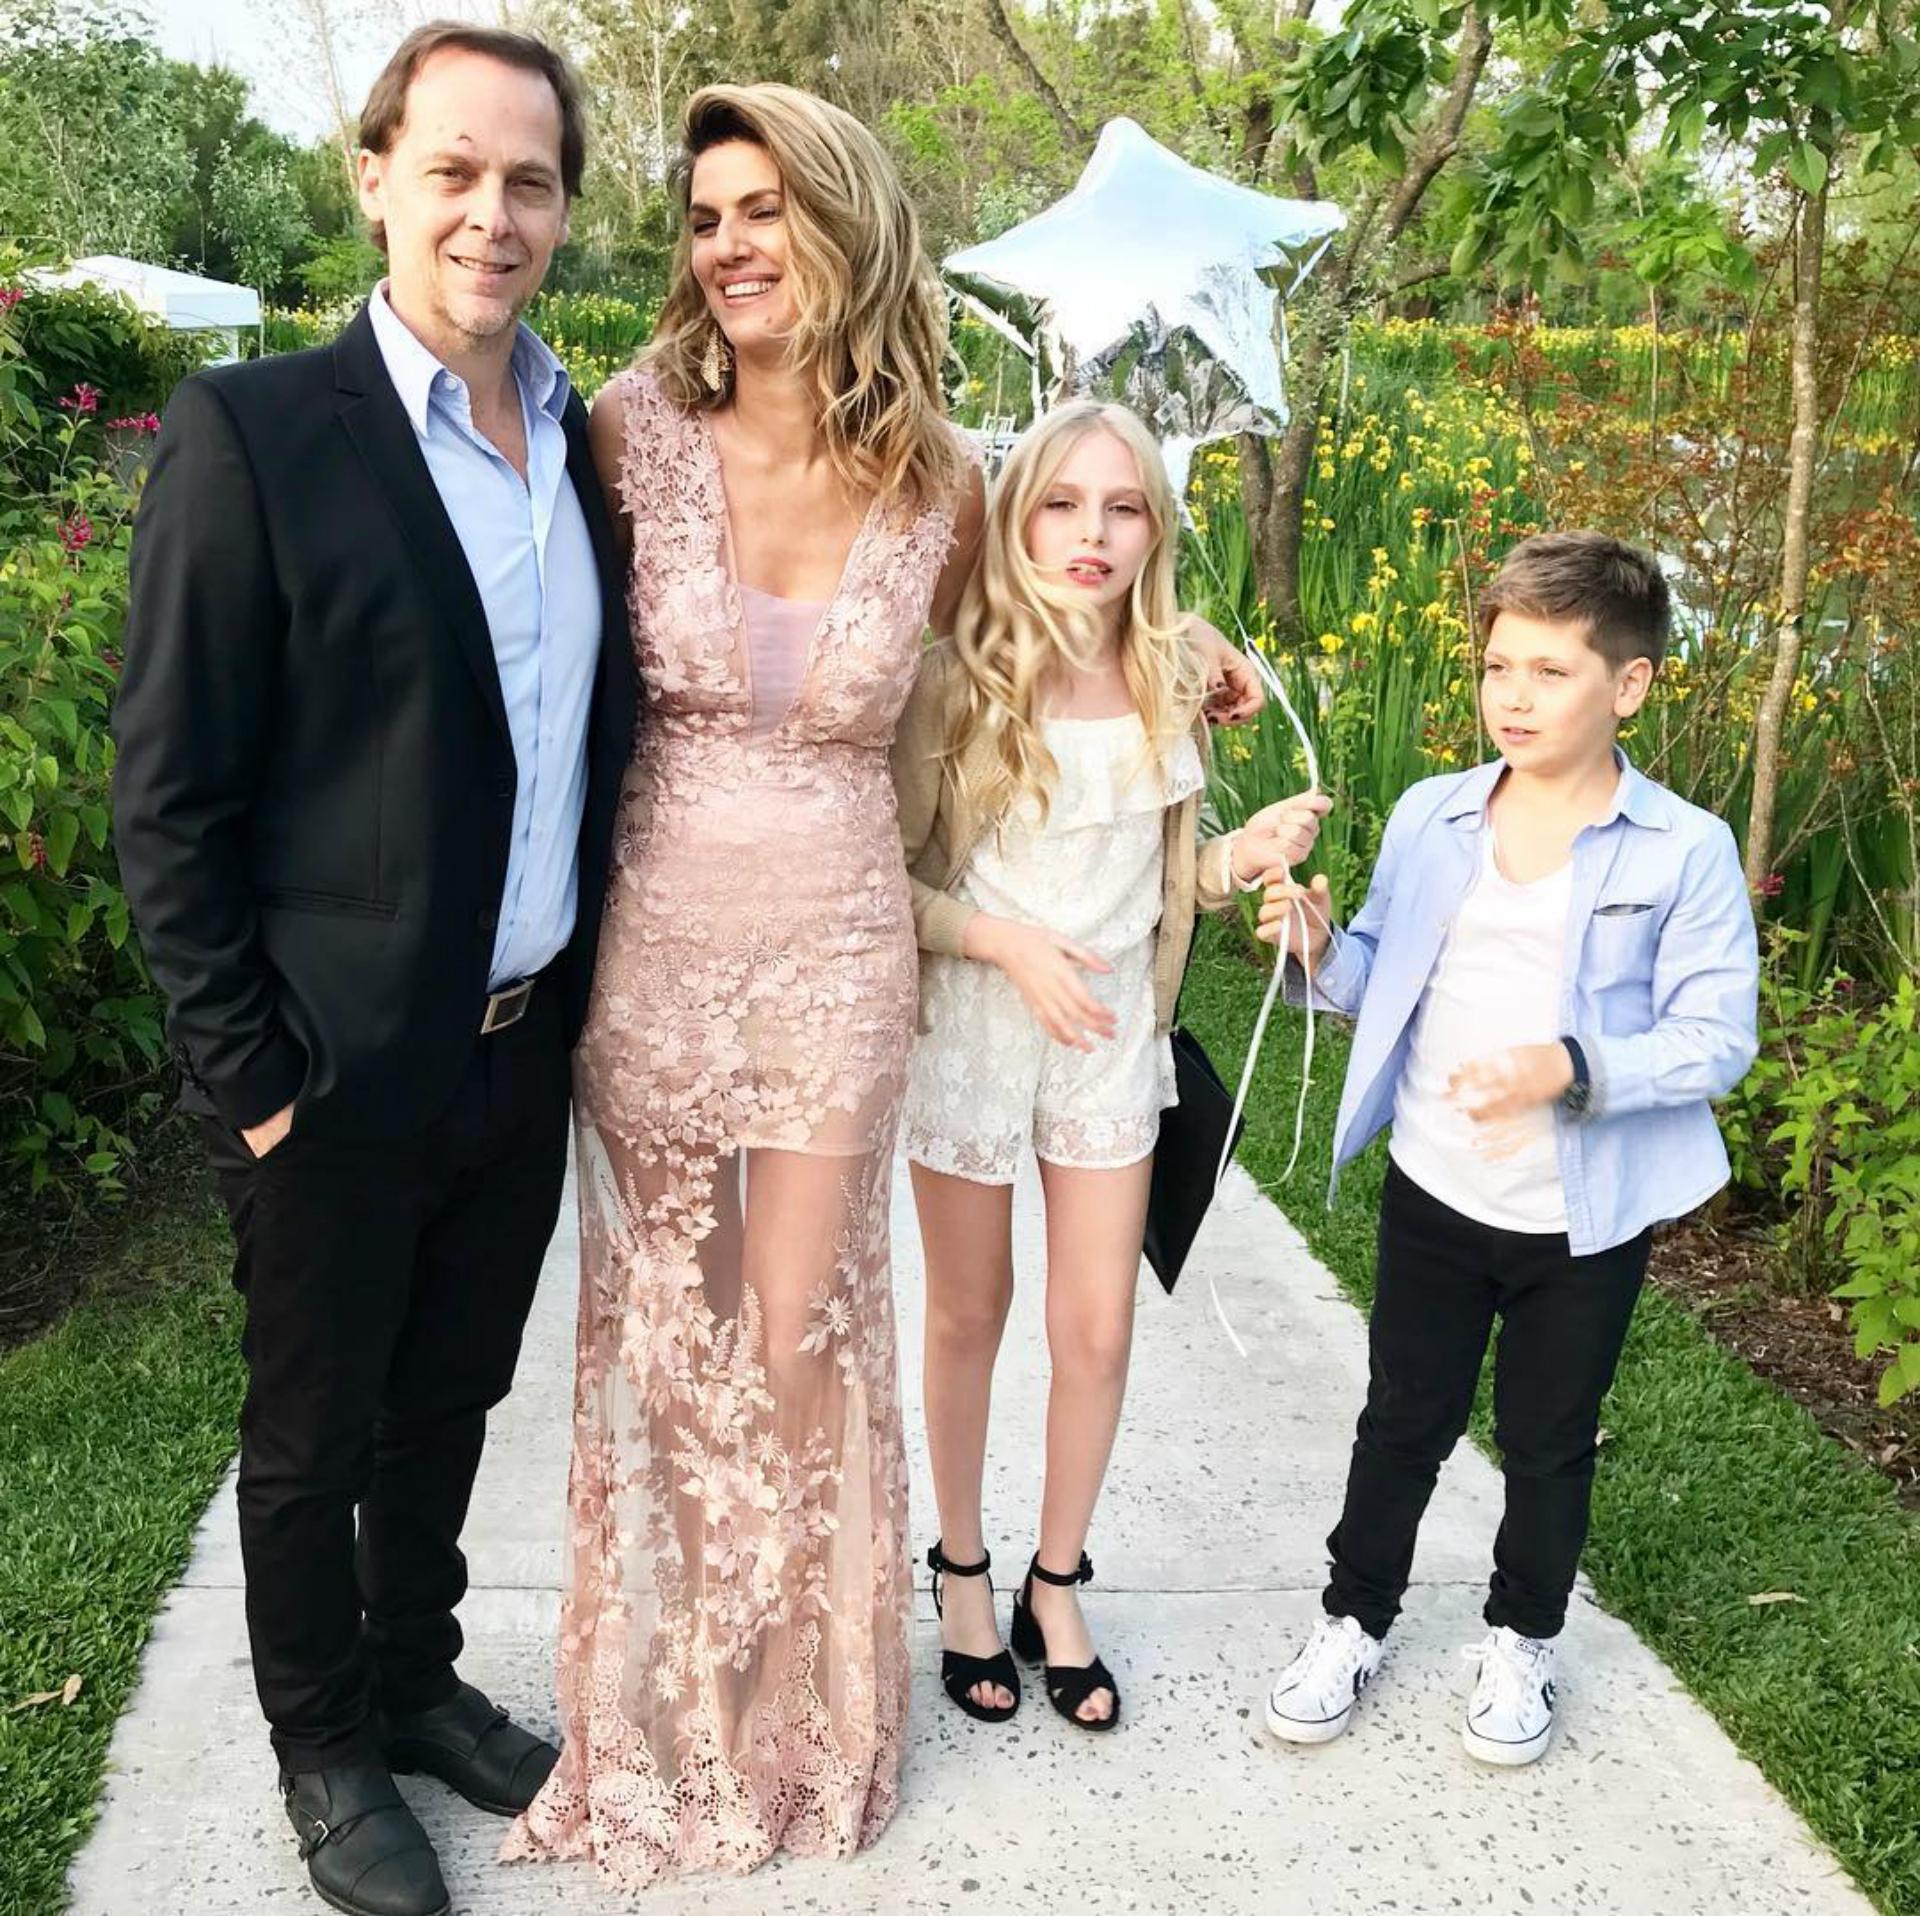 Su gran presentación fue hace unos meses en la boda de Juan Pablo Varsky, amigo de su papá. En la foto aparece además junto a Natalia Graciano, su mamá, y Alejo (9), su hermano menor. (Foto: Instagram)